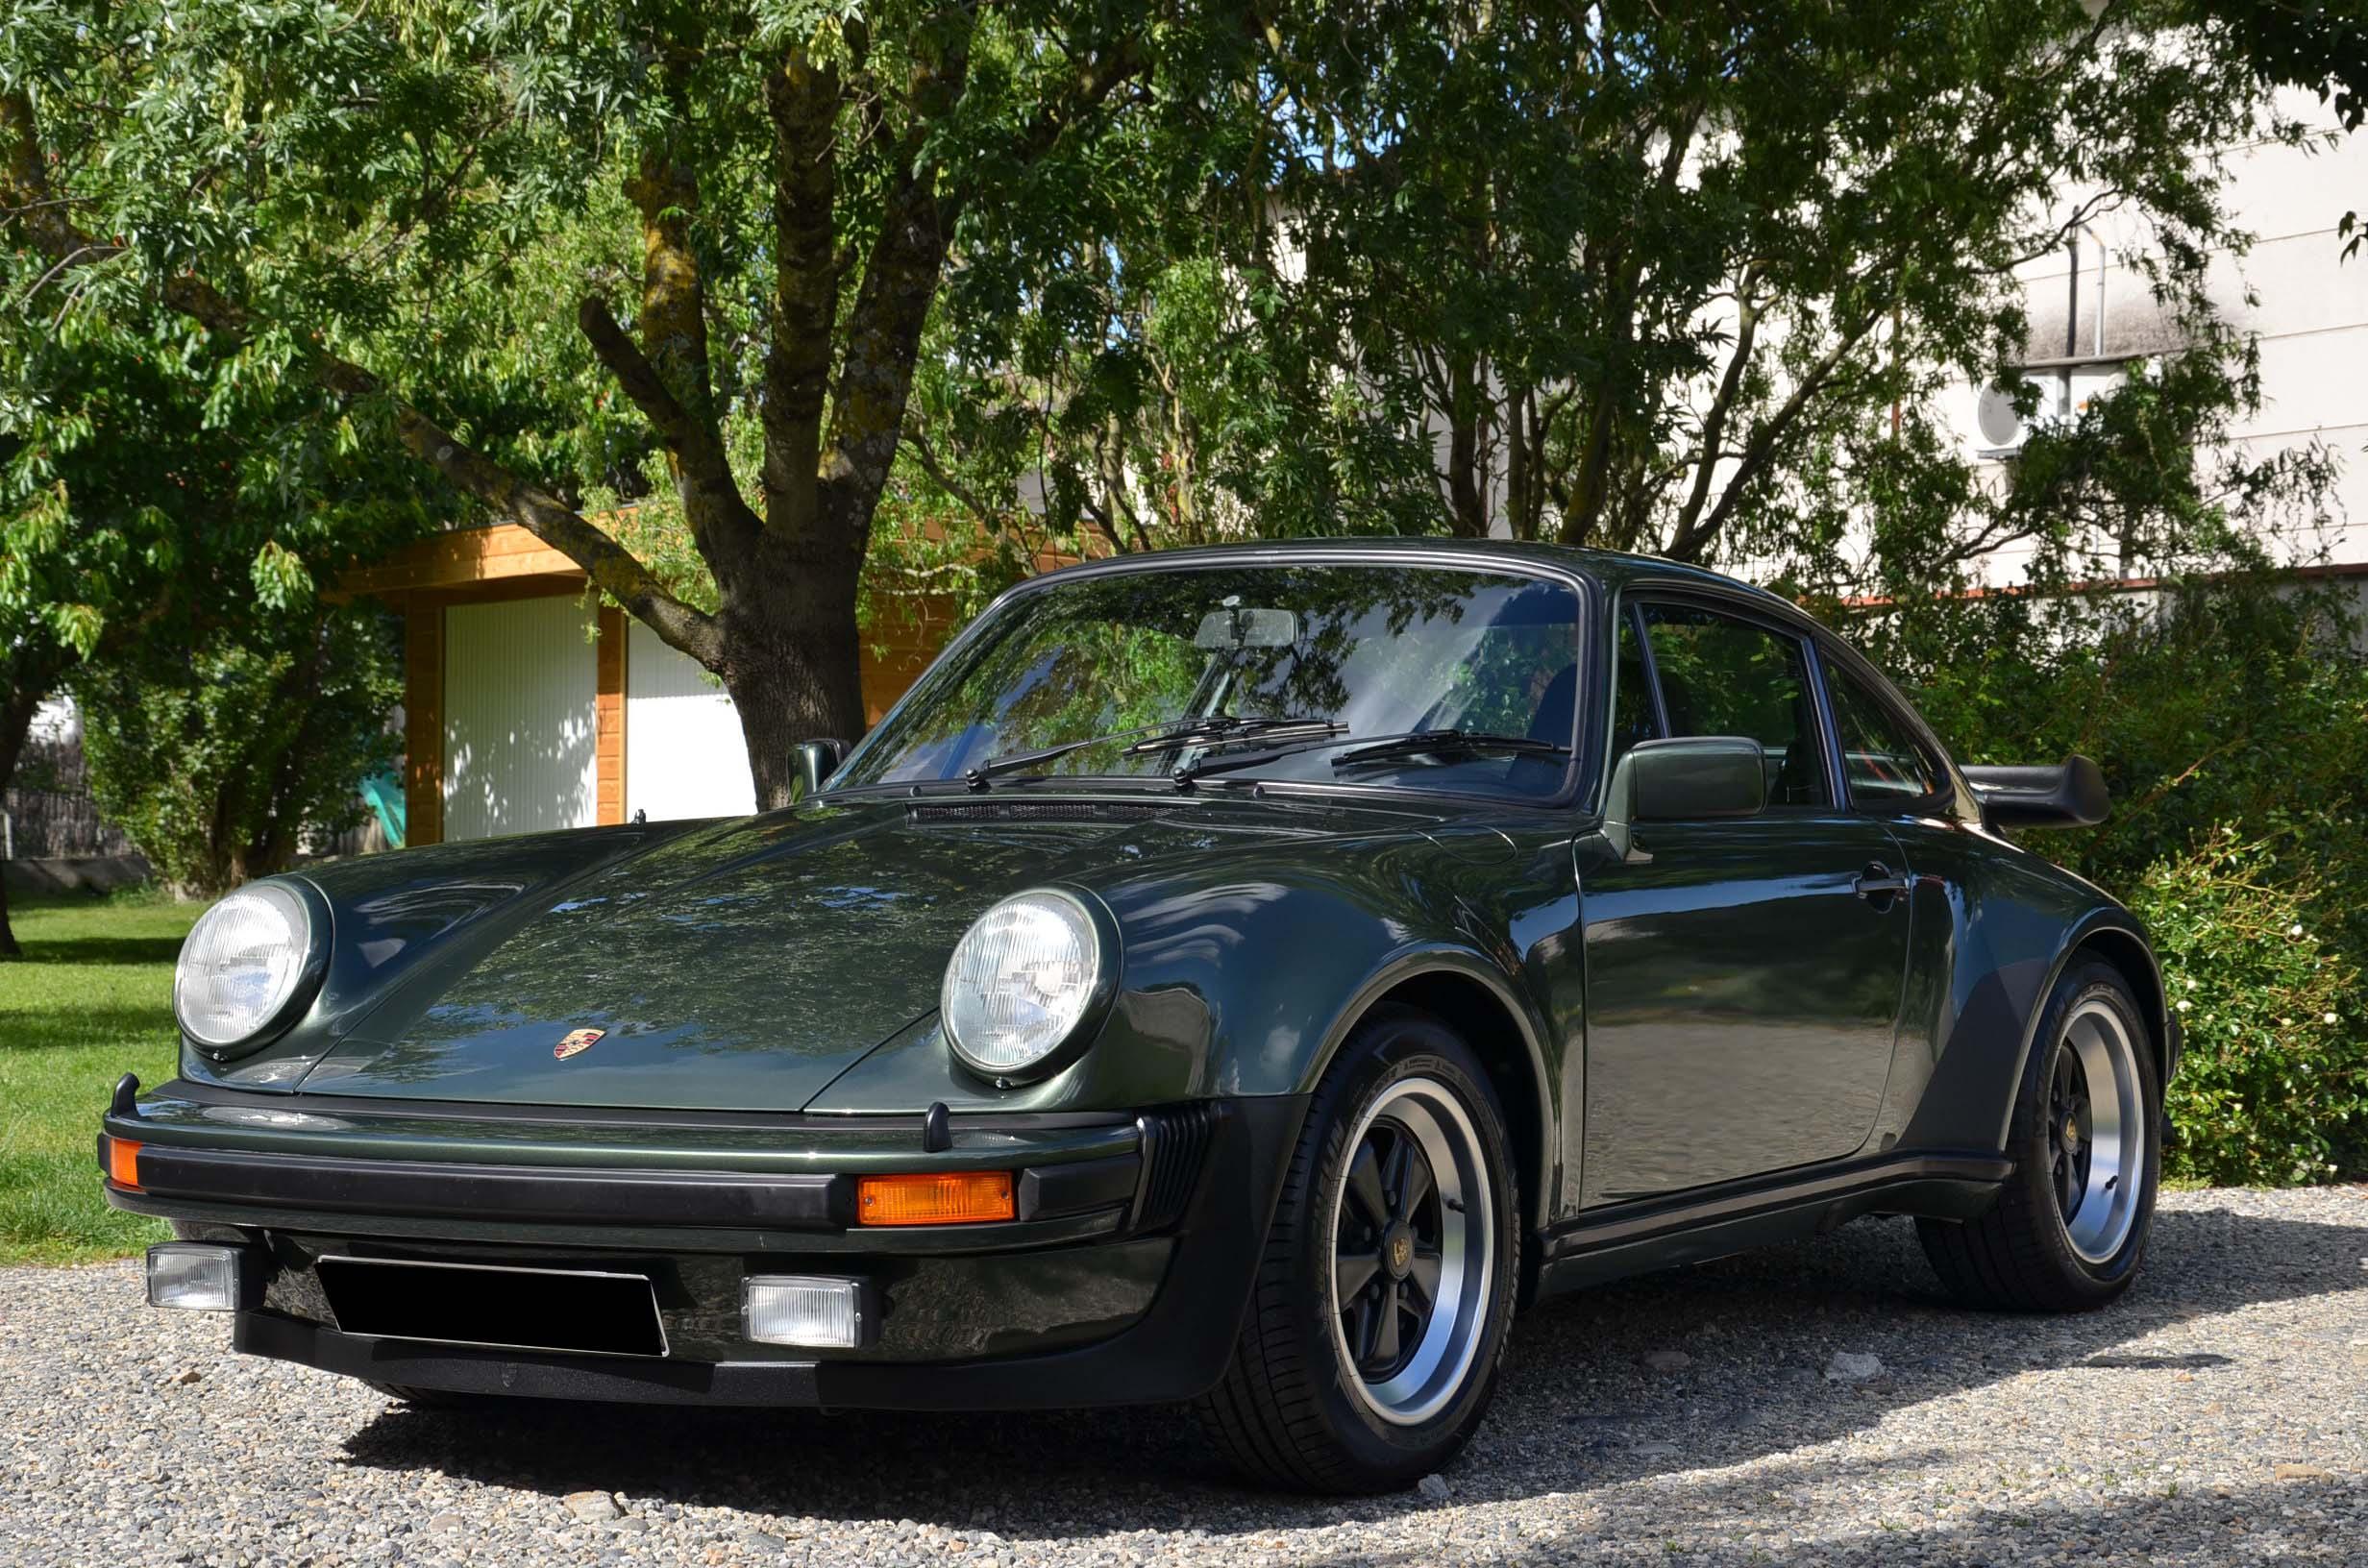 Vente Automobiles Classic et Compétition chez Machoïr - France Expertise Enchères : 157 lots